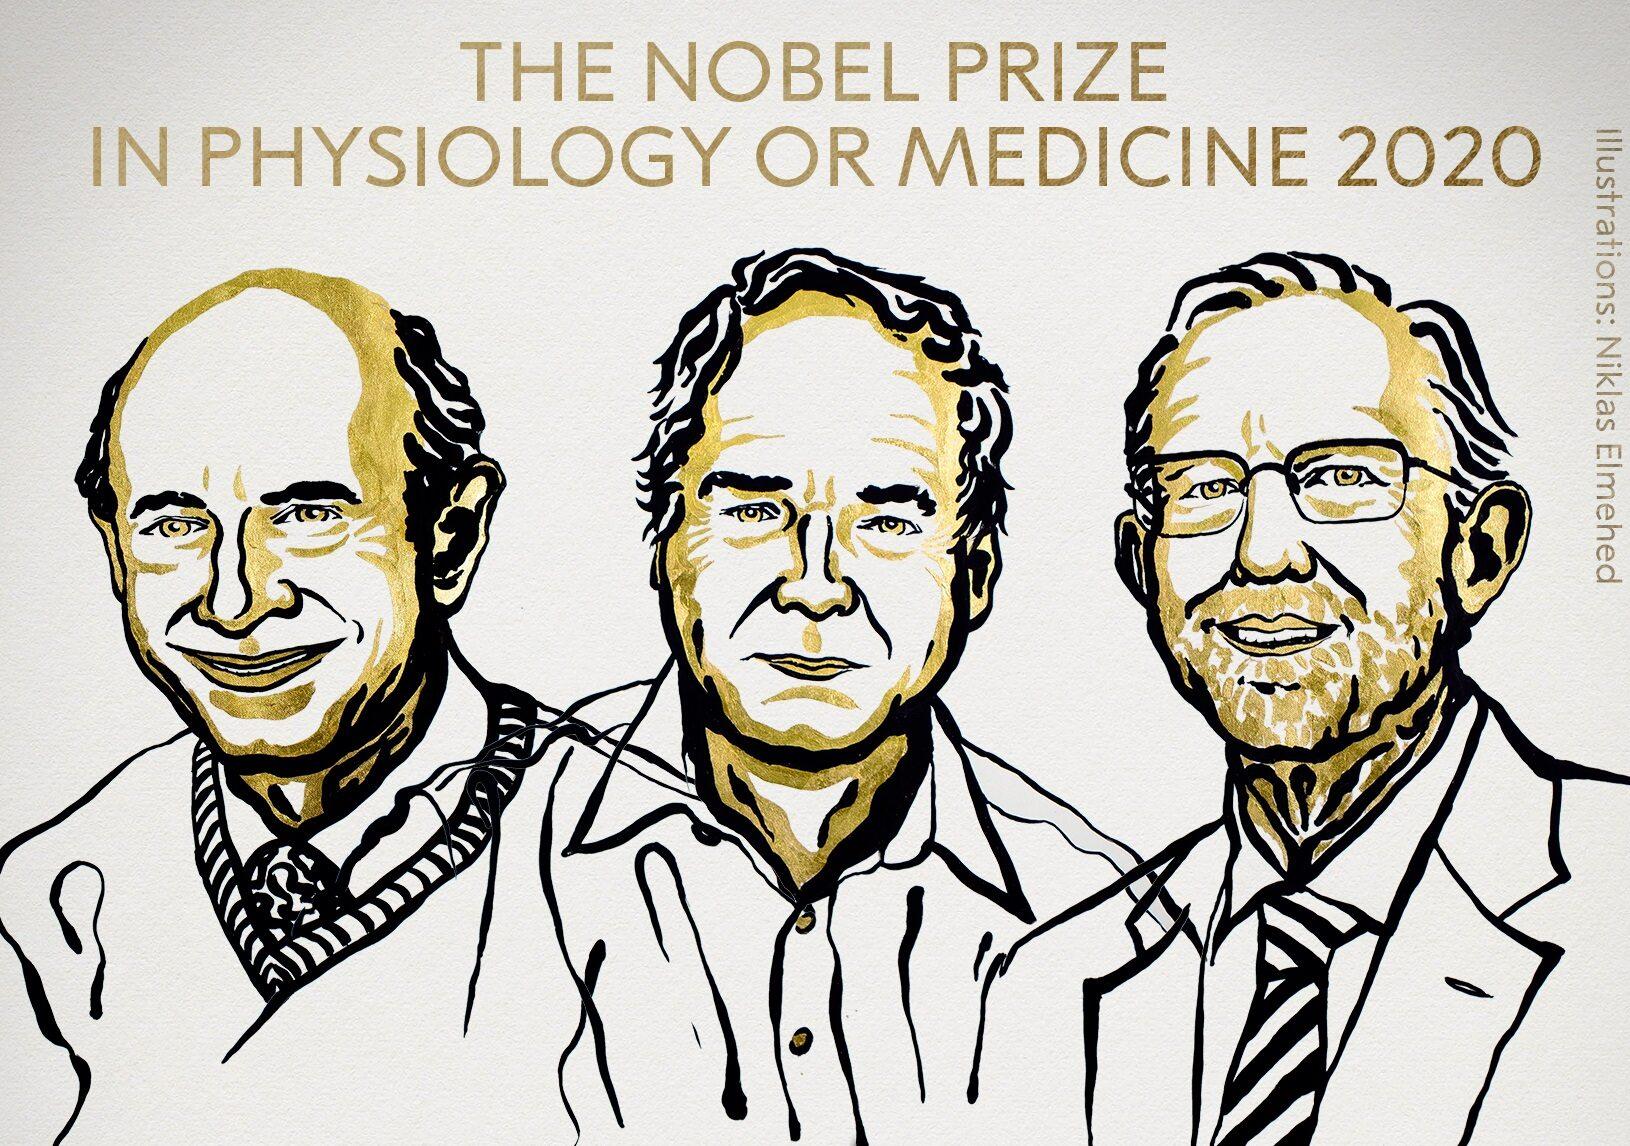 Michael Houghton, Harvey Alter i Charles Rice odkryli wirusa powodującego zapalenie wątroby typu C